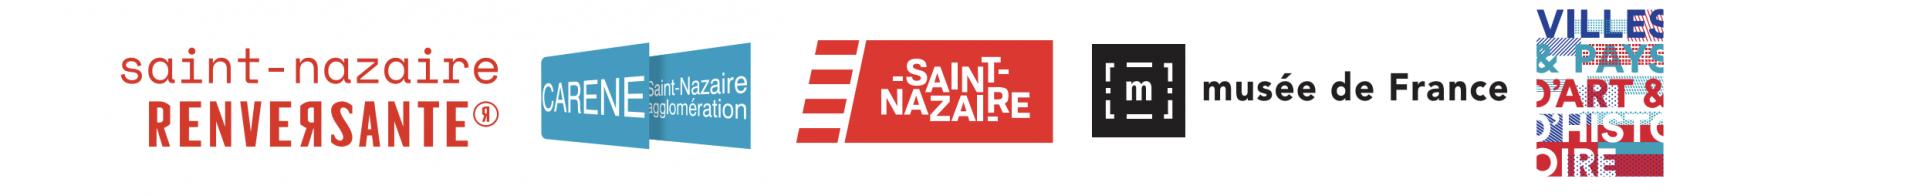 Partenaires Travaux Sous Marin Esapdon Saint Nazaire